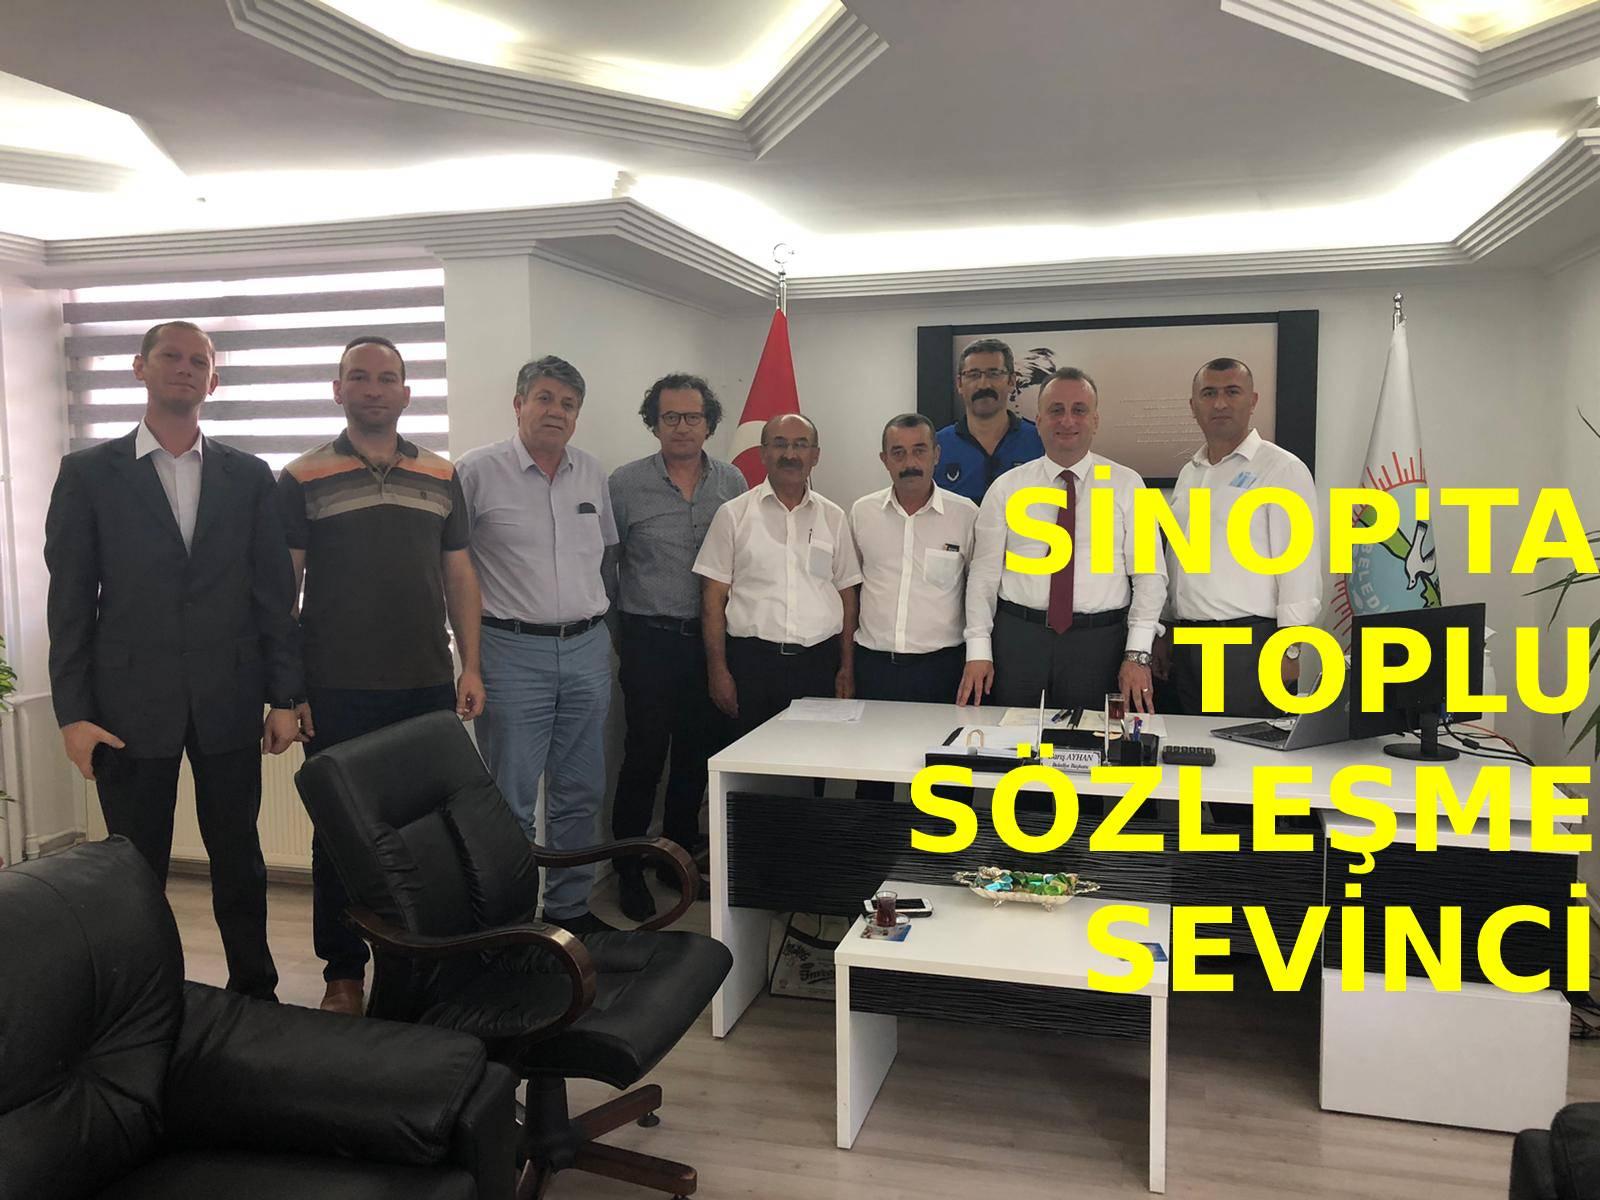 Sinop'ta toplu sözleşme sevinci